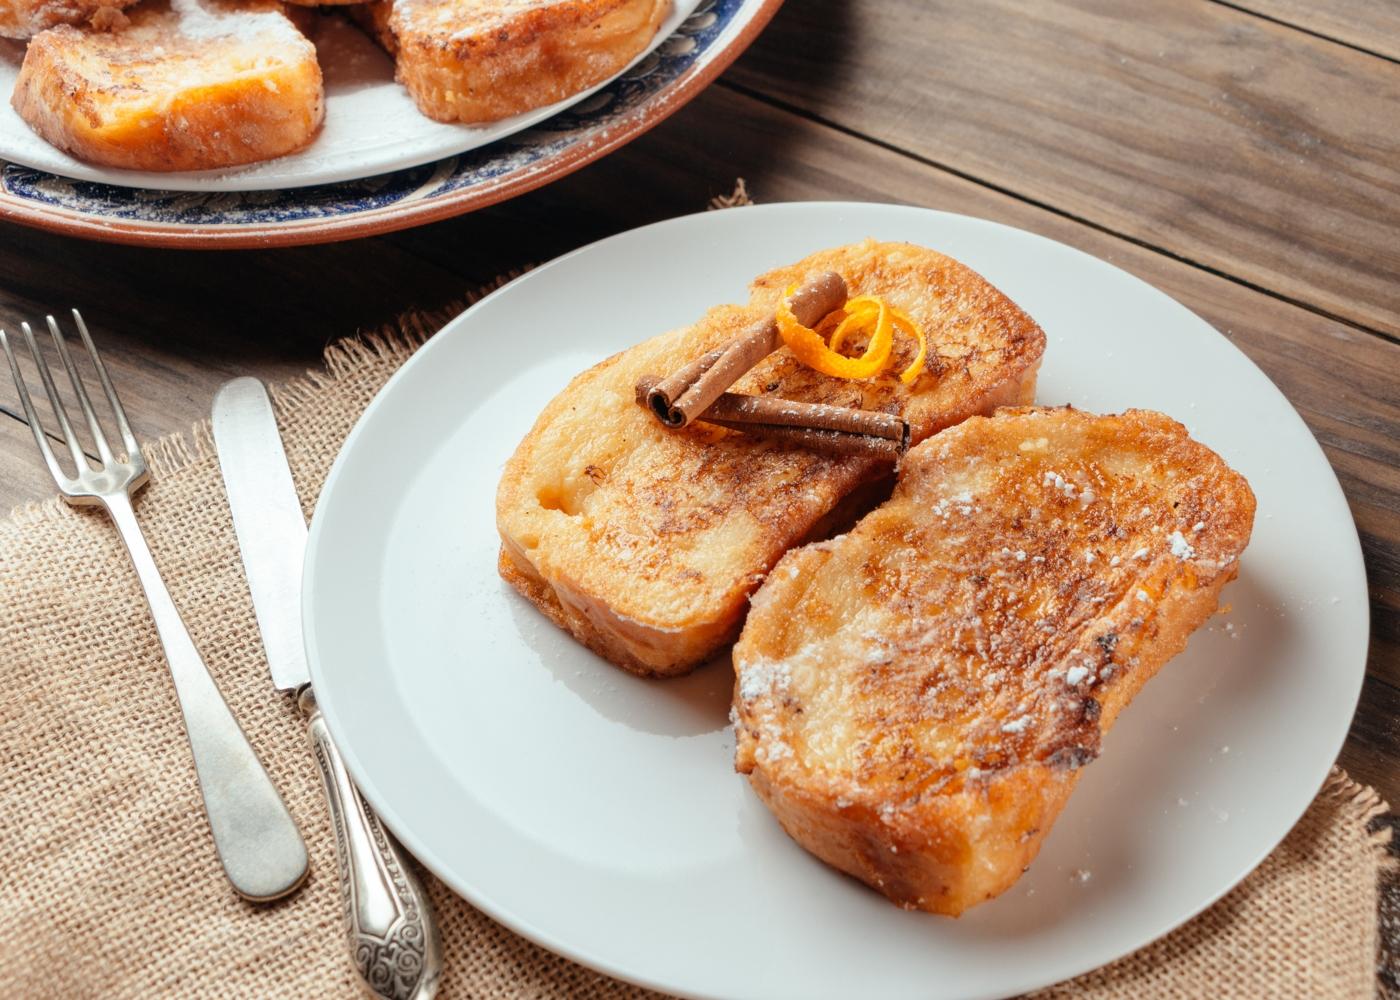 Rabanadas com pão integral e calda de mel e figos